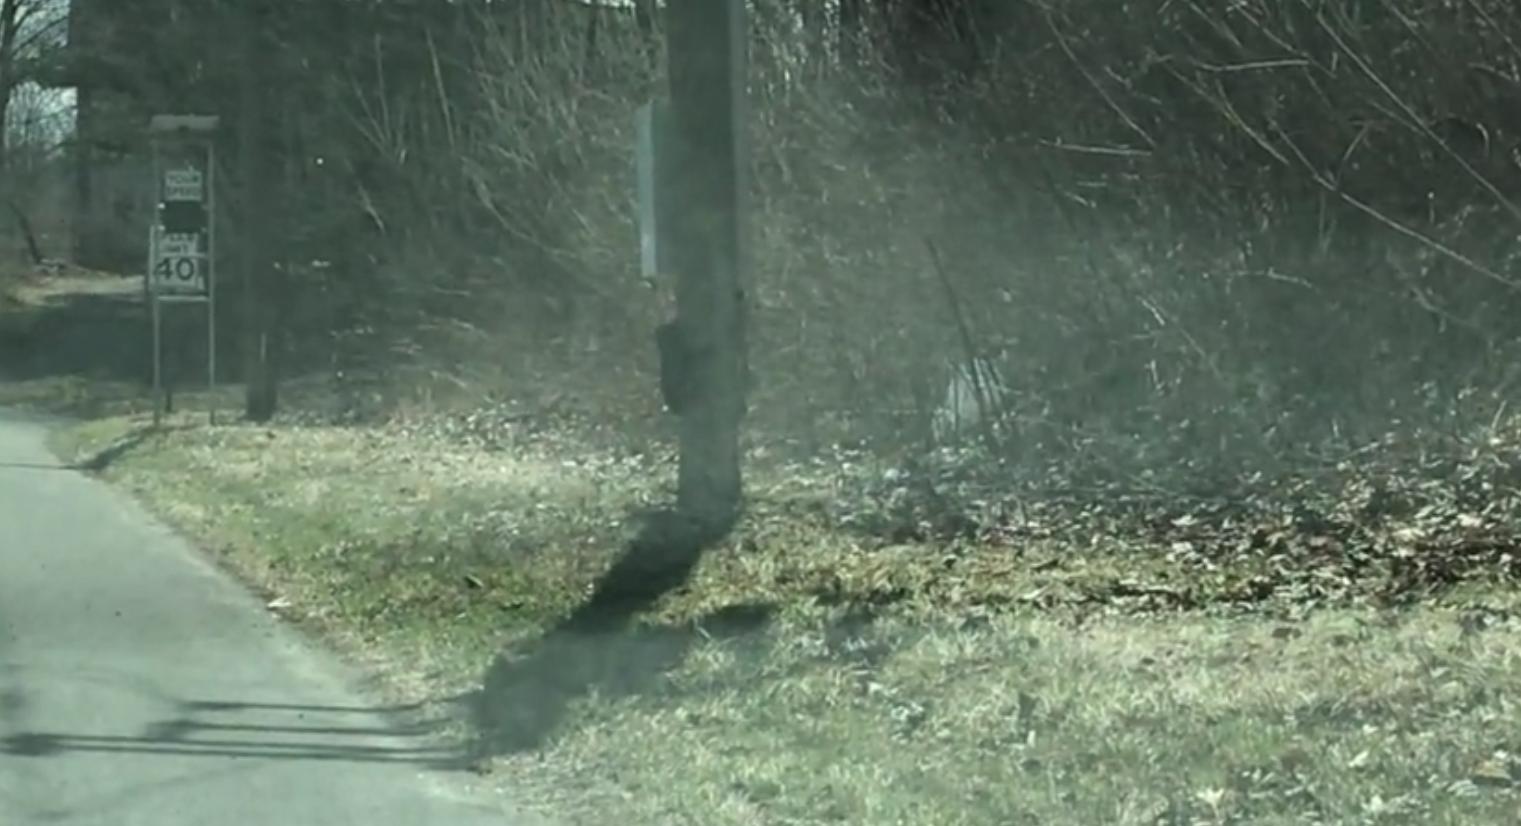 2021 04 05 2 - Vídeo divertido de uma mamãe urso lutando para levar quatro filhotes para o outro lado da estrada